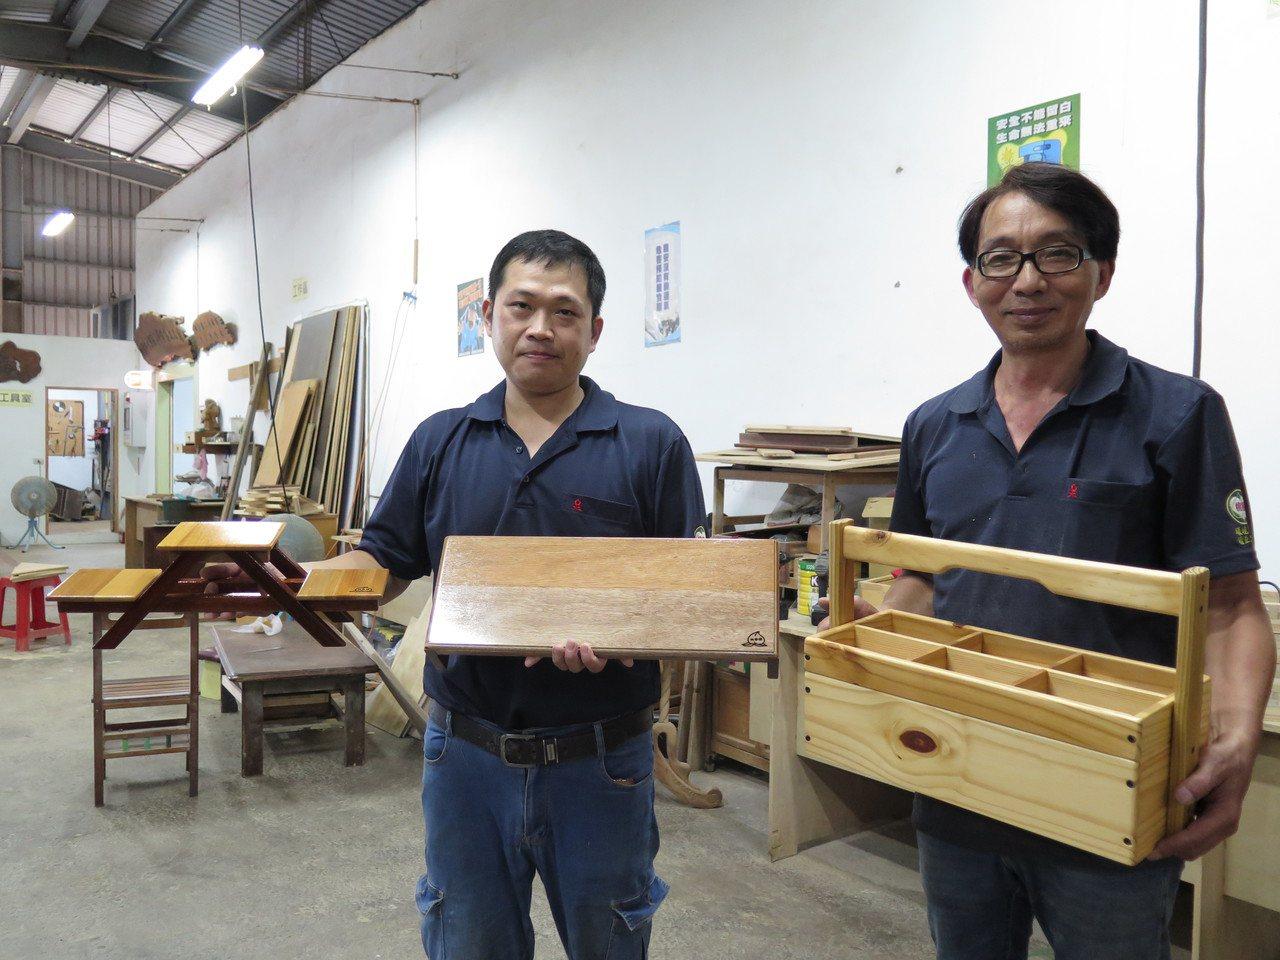 桃仔園修惜站現有3名木工師楊銘福、何敏家(右)、張敬治(左),再生家具全出自他們...